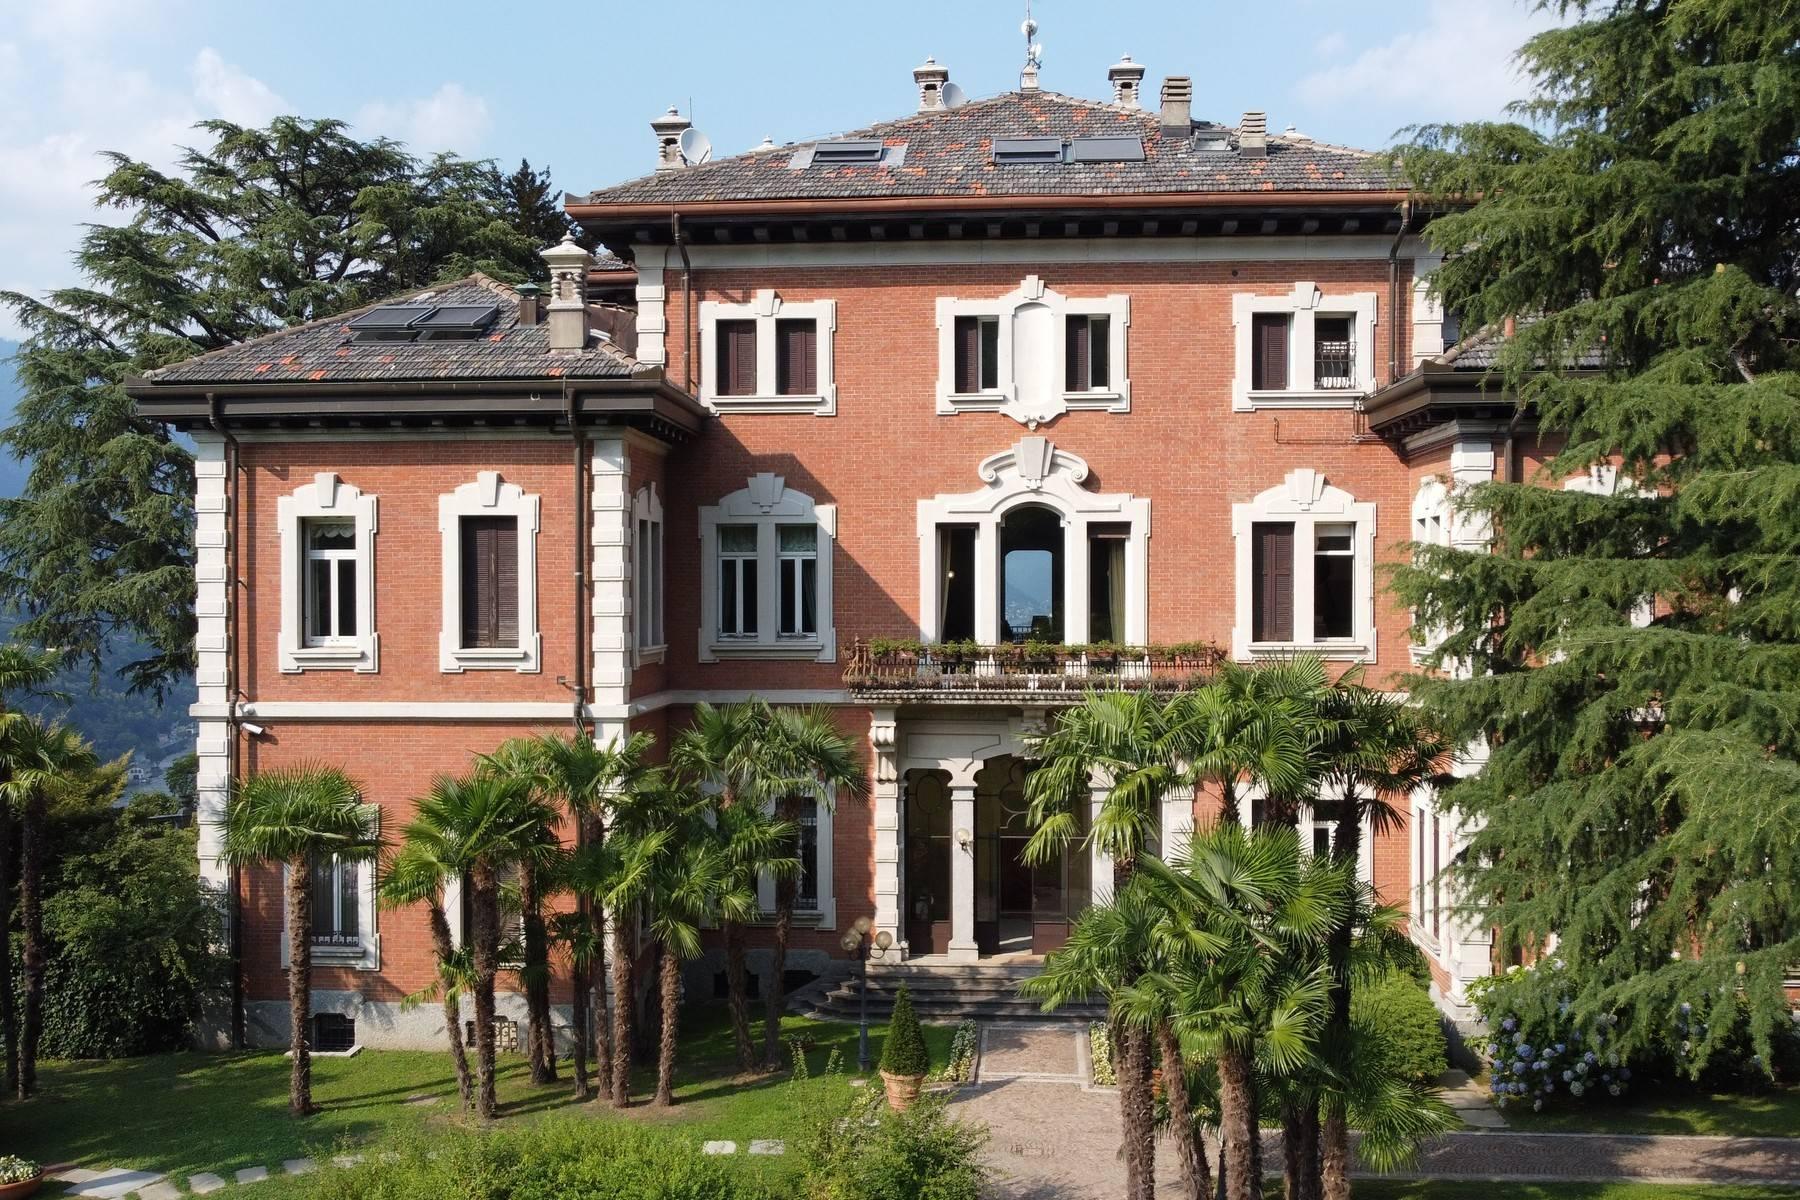 Incantevole appartamento in villa esclusiva dei primi del 900 - 7